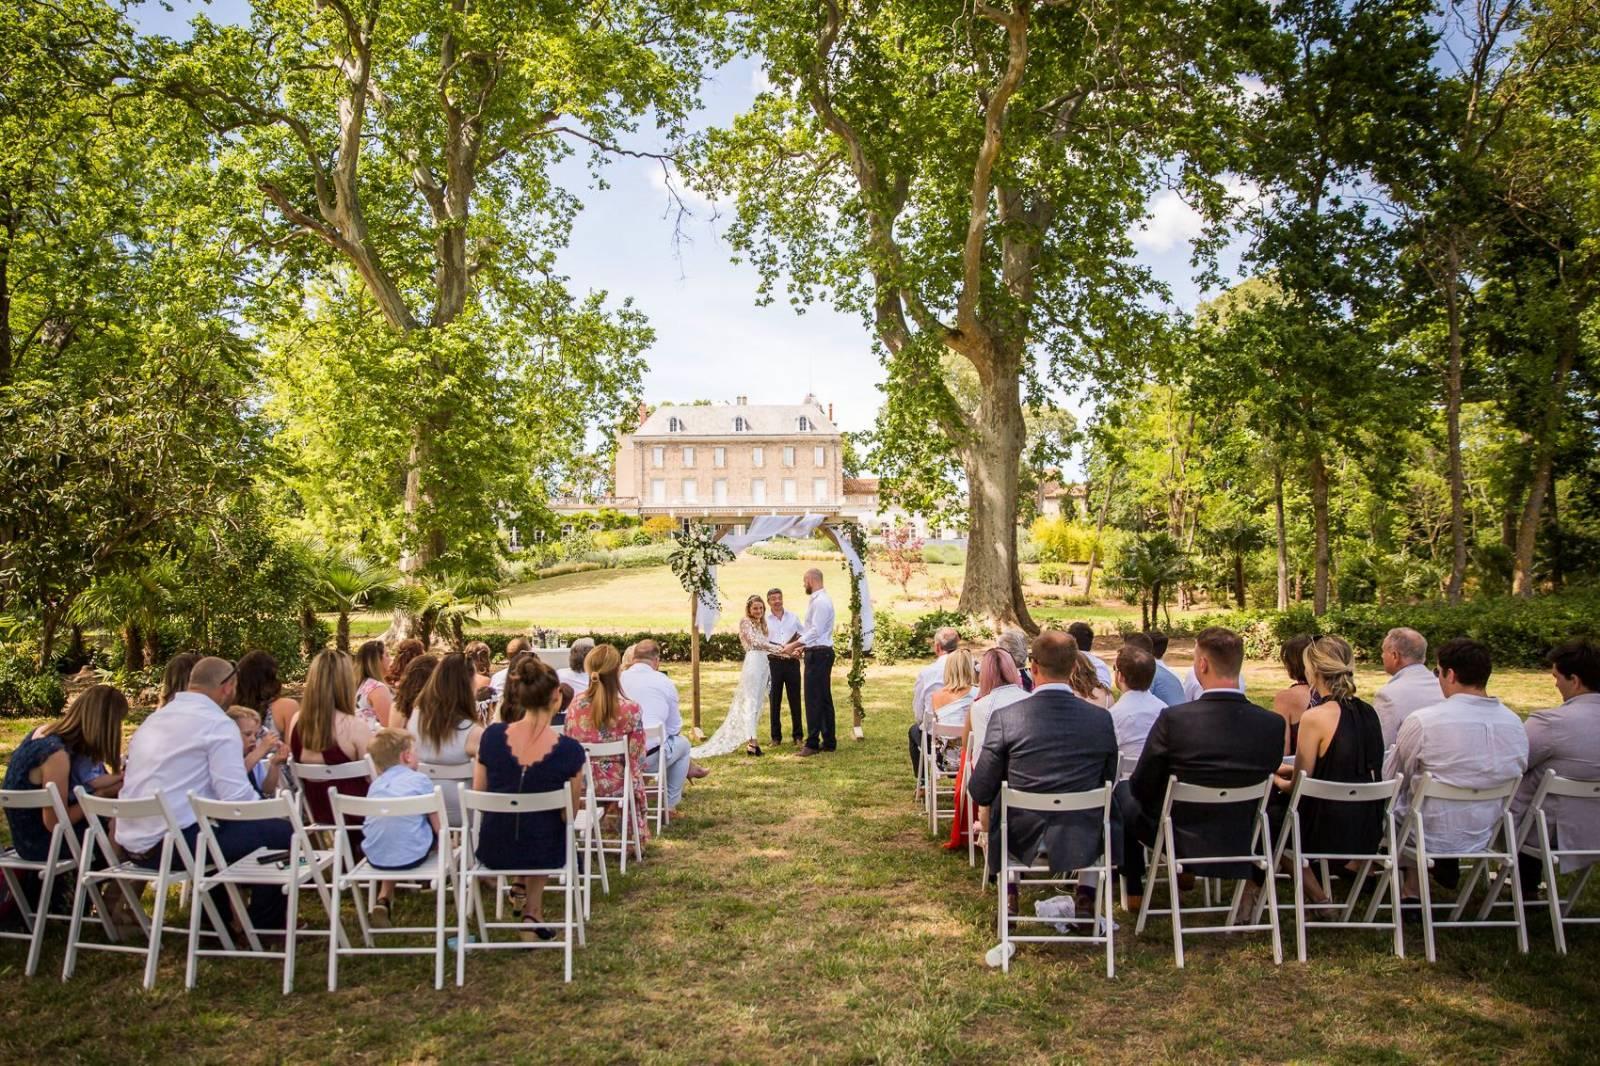 Cinderella Photographie - Trouwen in frankrijk - Huwelijksfotograaf - Trouwfotograaf - House of Weddings - 10